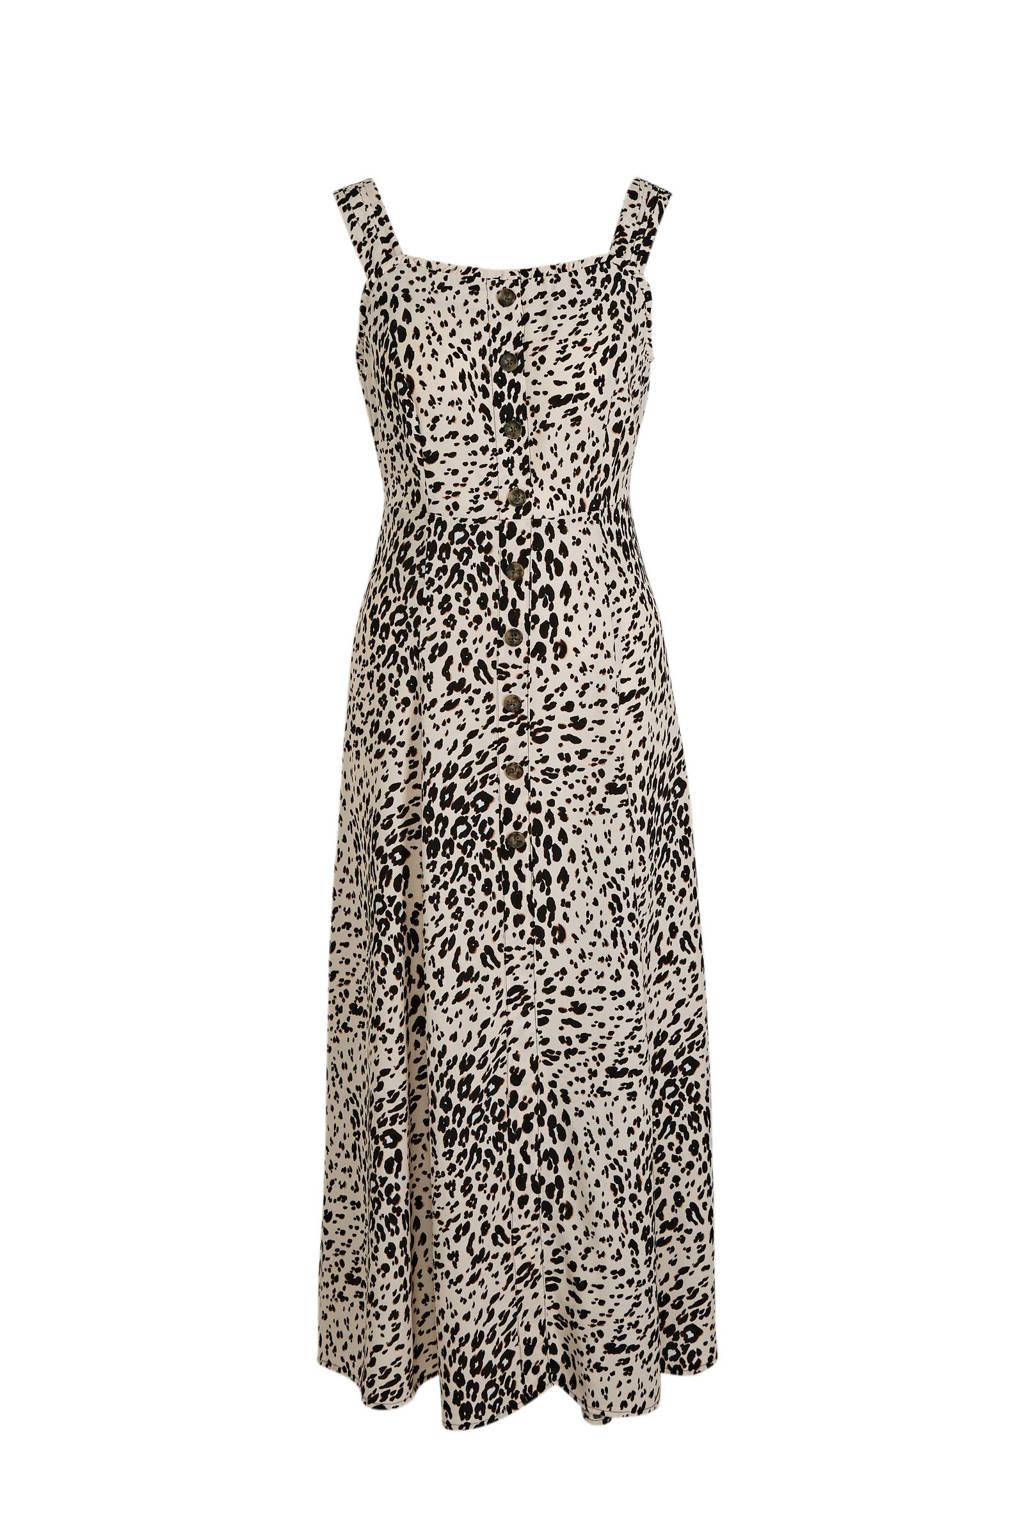 C&A Yessica maxi jurk met panterprint beige/zwart, Beige/zwart